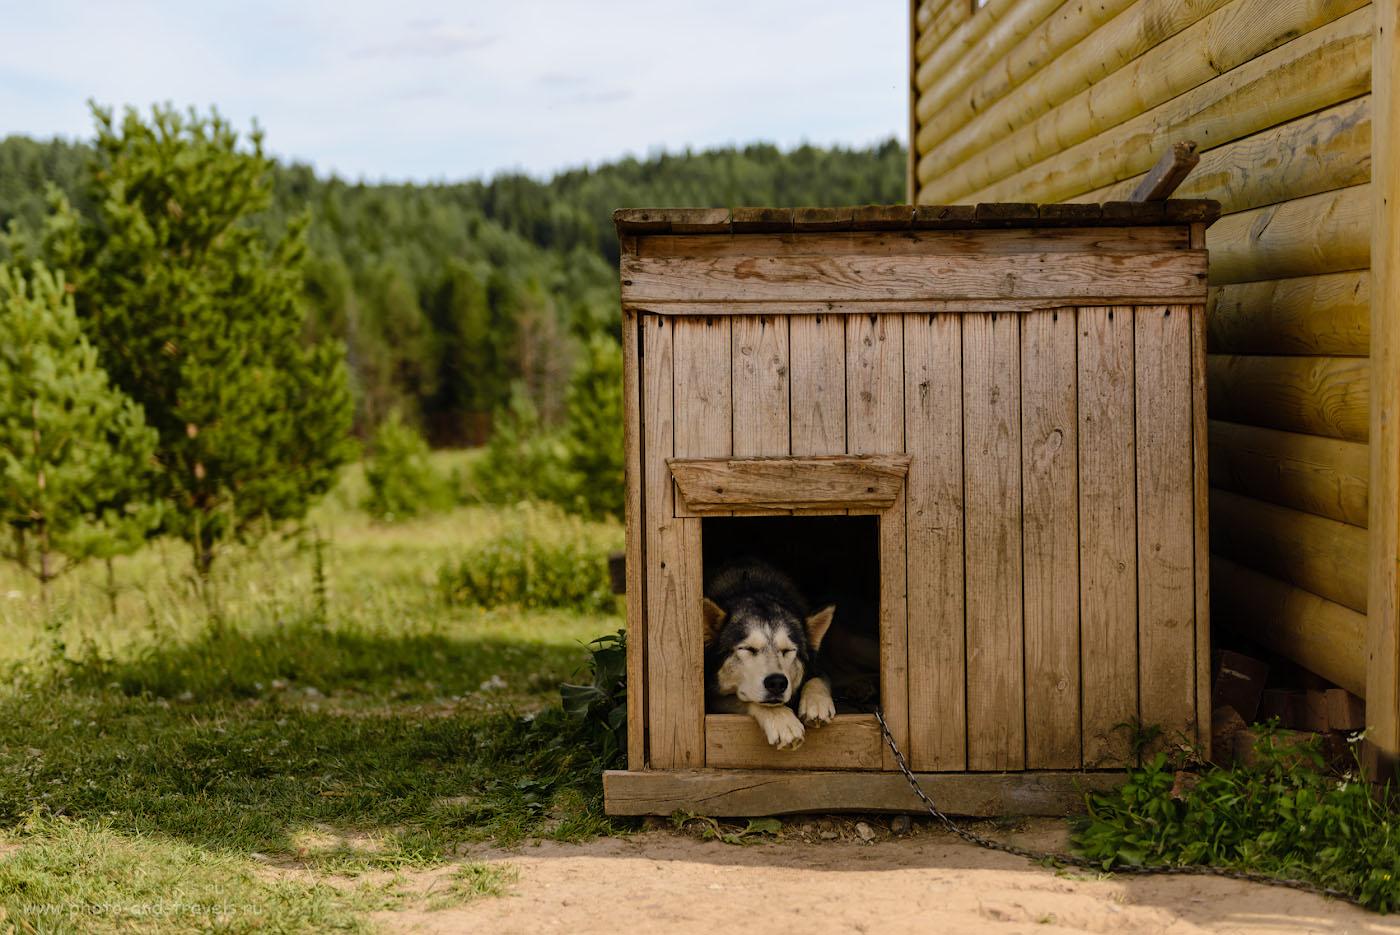 Фото 13. Сторож на оленьей ферме. Отчет об экскурсии в Висим. 1/640, -0.33, 2.8, 100, 55.